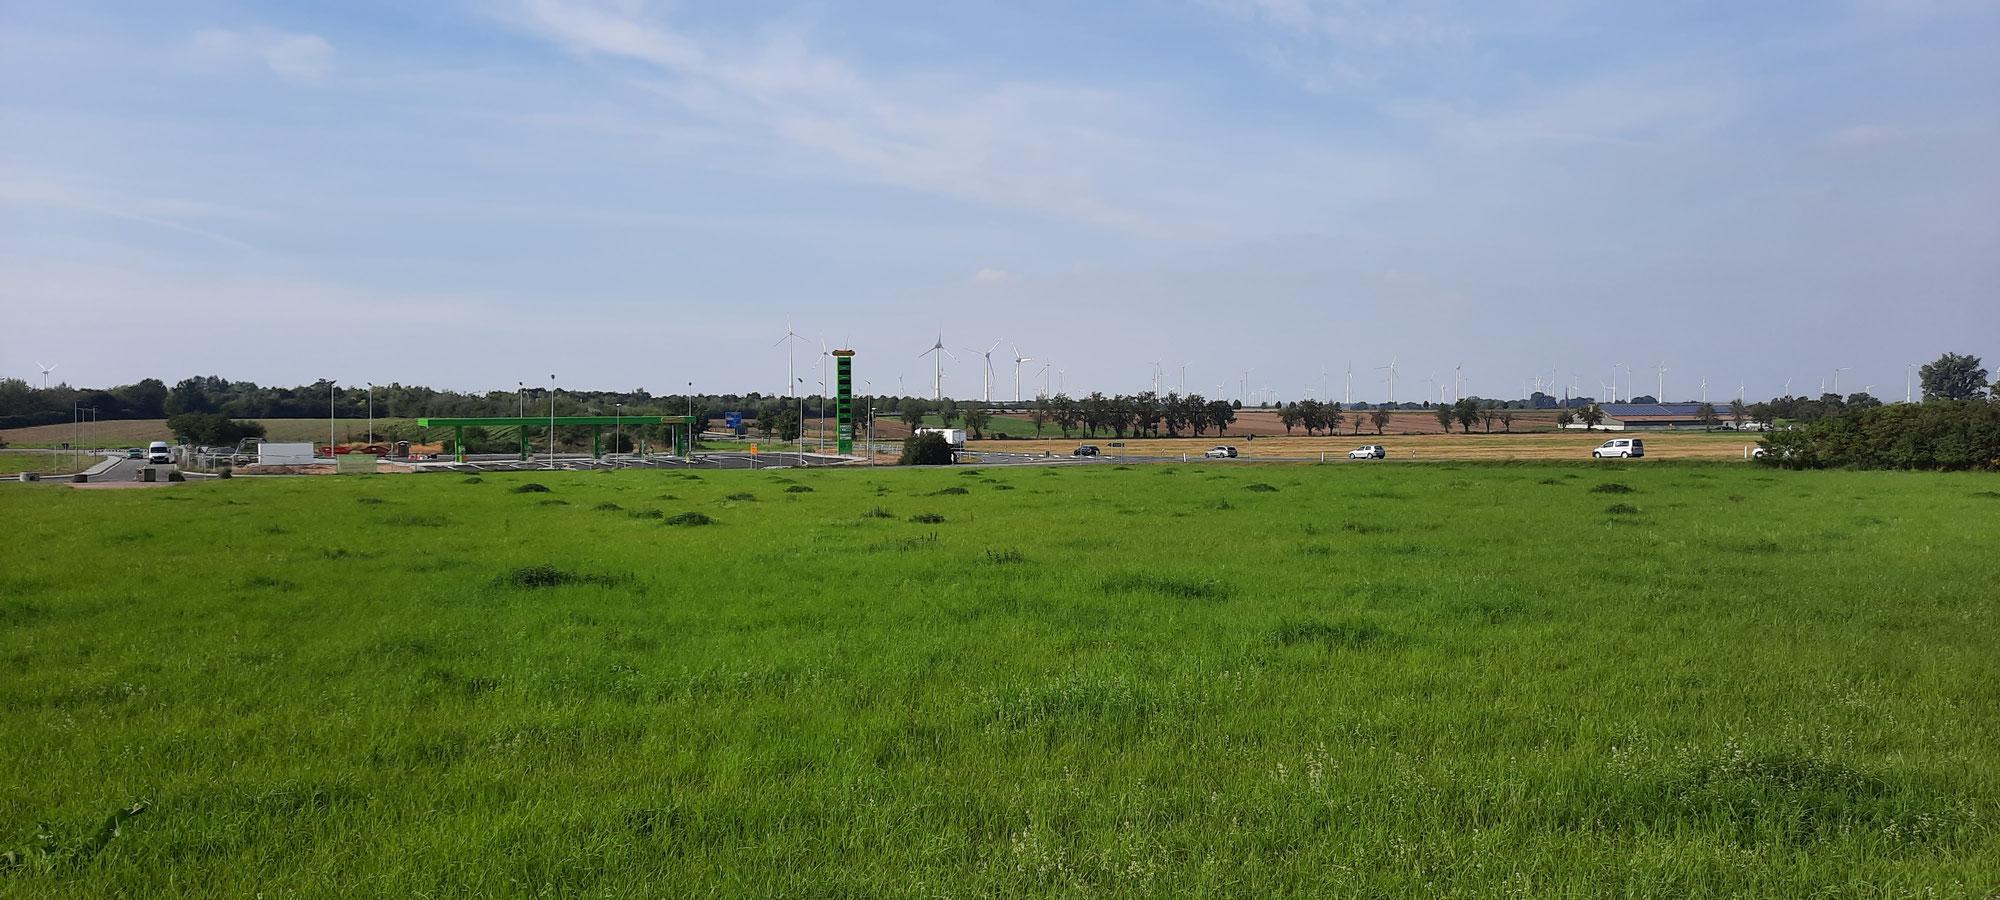 Neueröffnung - Tankstelle Unterkaka/Meineweh